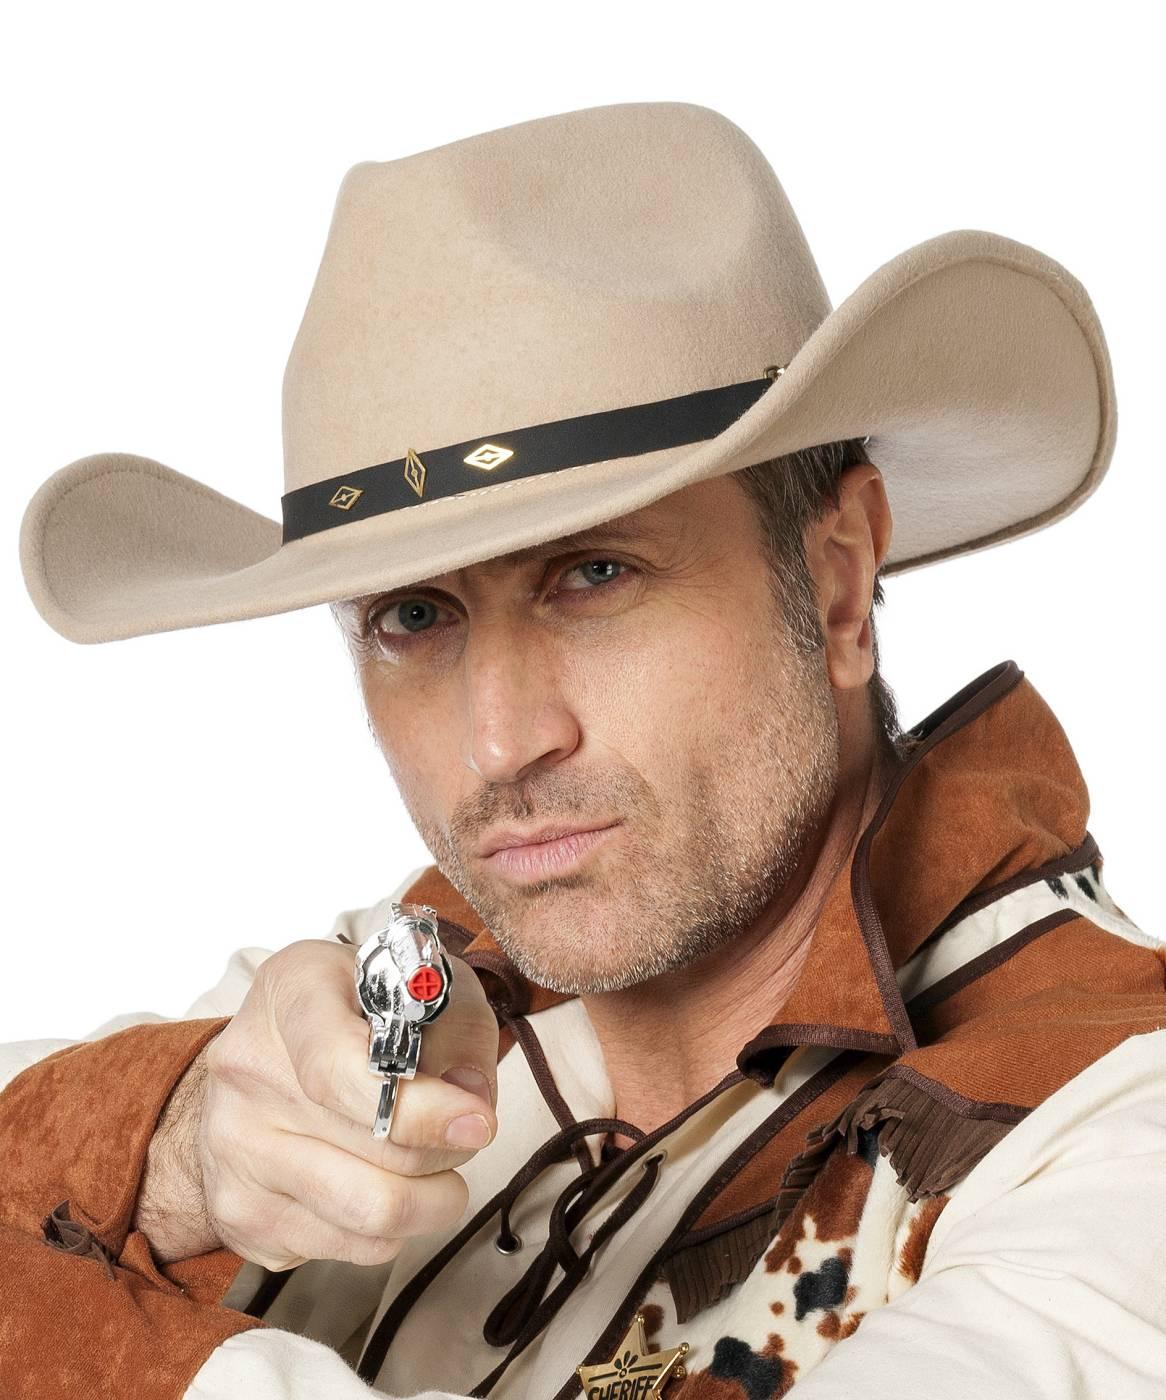 Chapeau-de-cowboy-beige-luxe